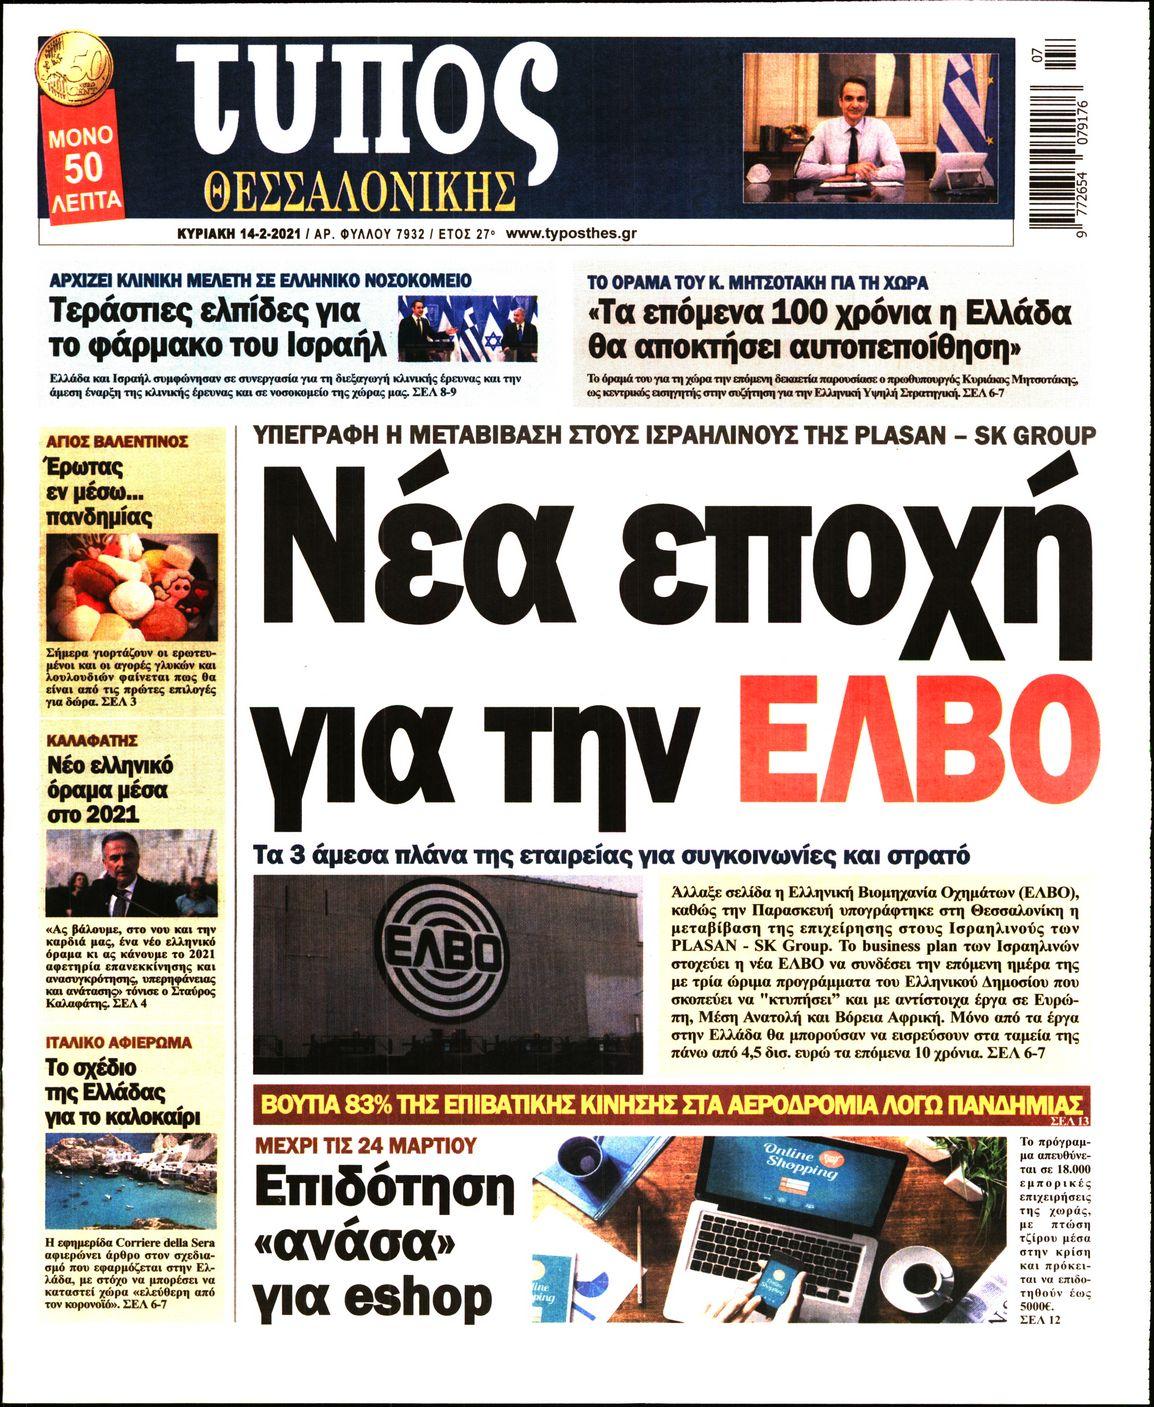 https://www.newsbeast.gr/files/1/newspapers/2021/02/14/27887089_375.jpg